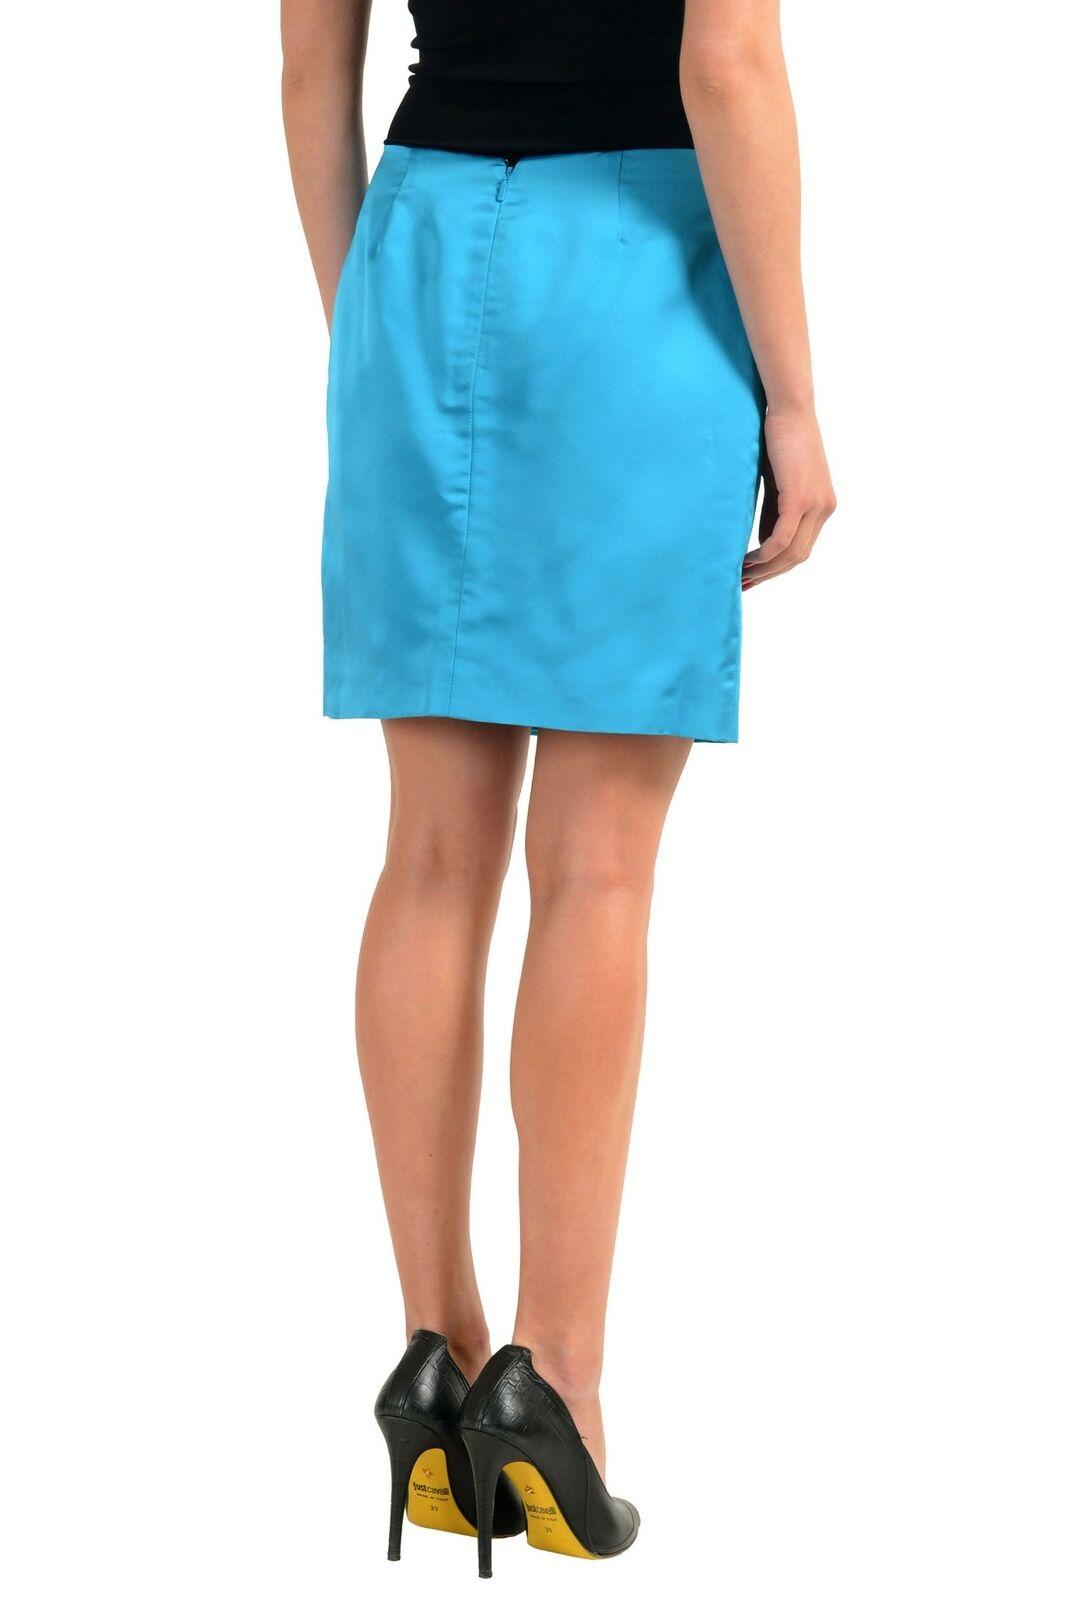 Versace 100% 100% 100% Seta Blu Donna Gonna Dritta Taglie S M L 7db066